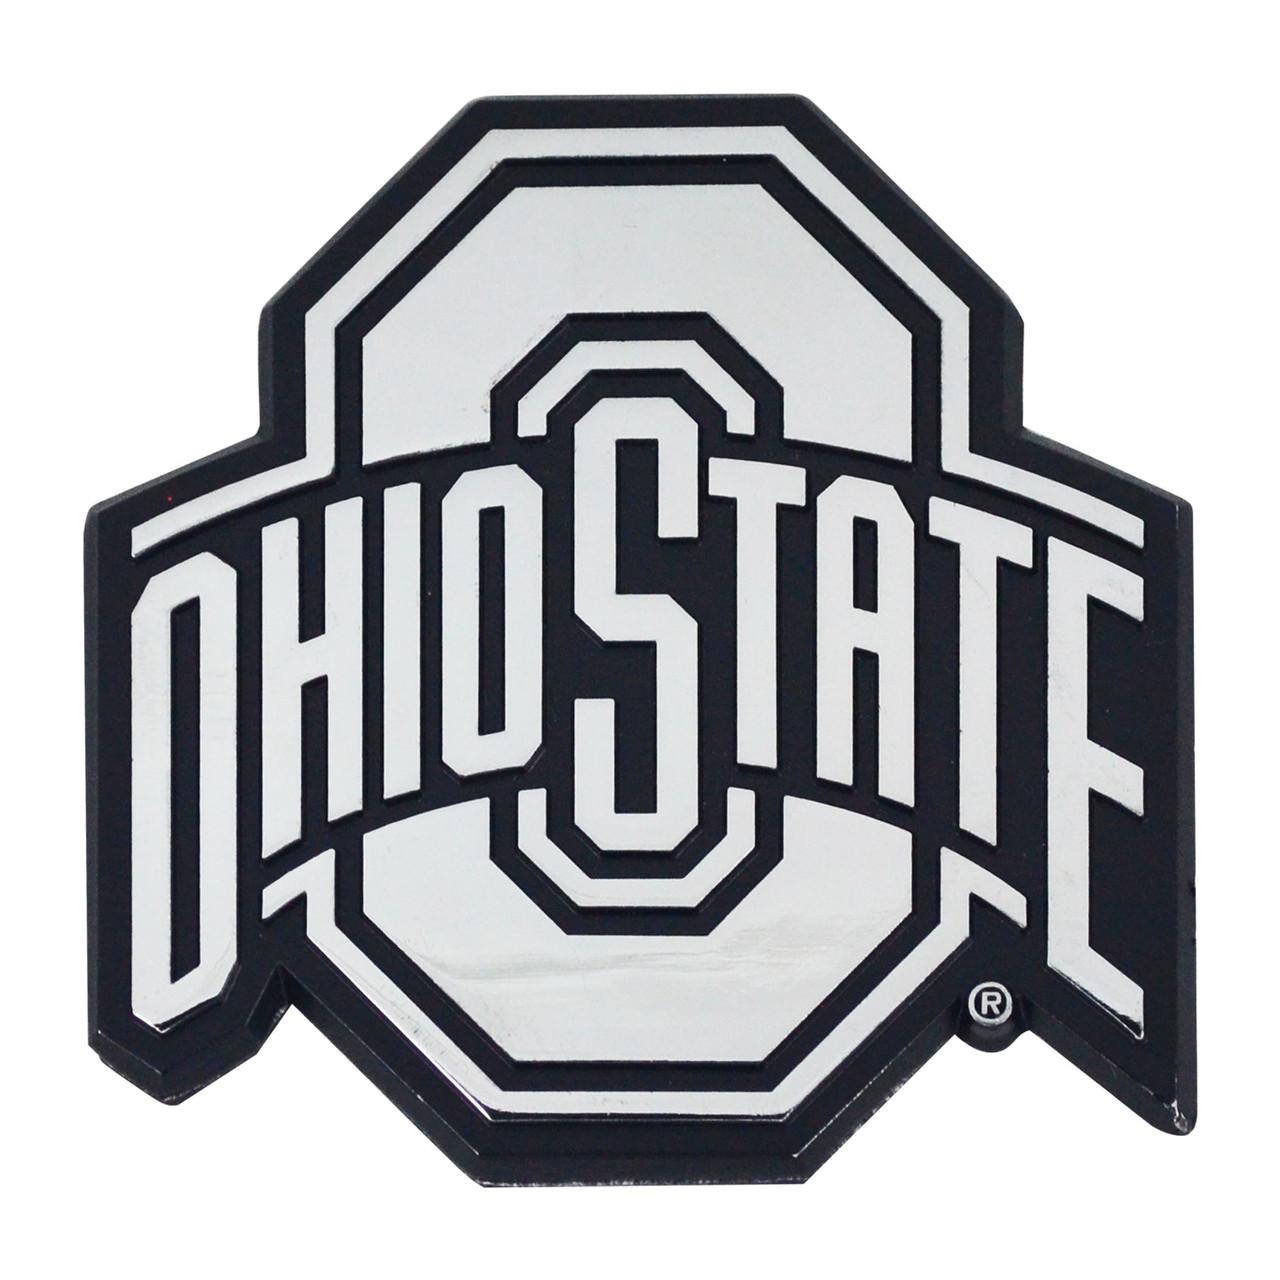 Ohio State Buckeyes Chrome Emblem